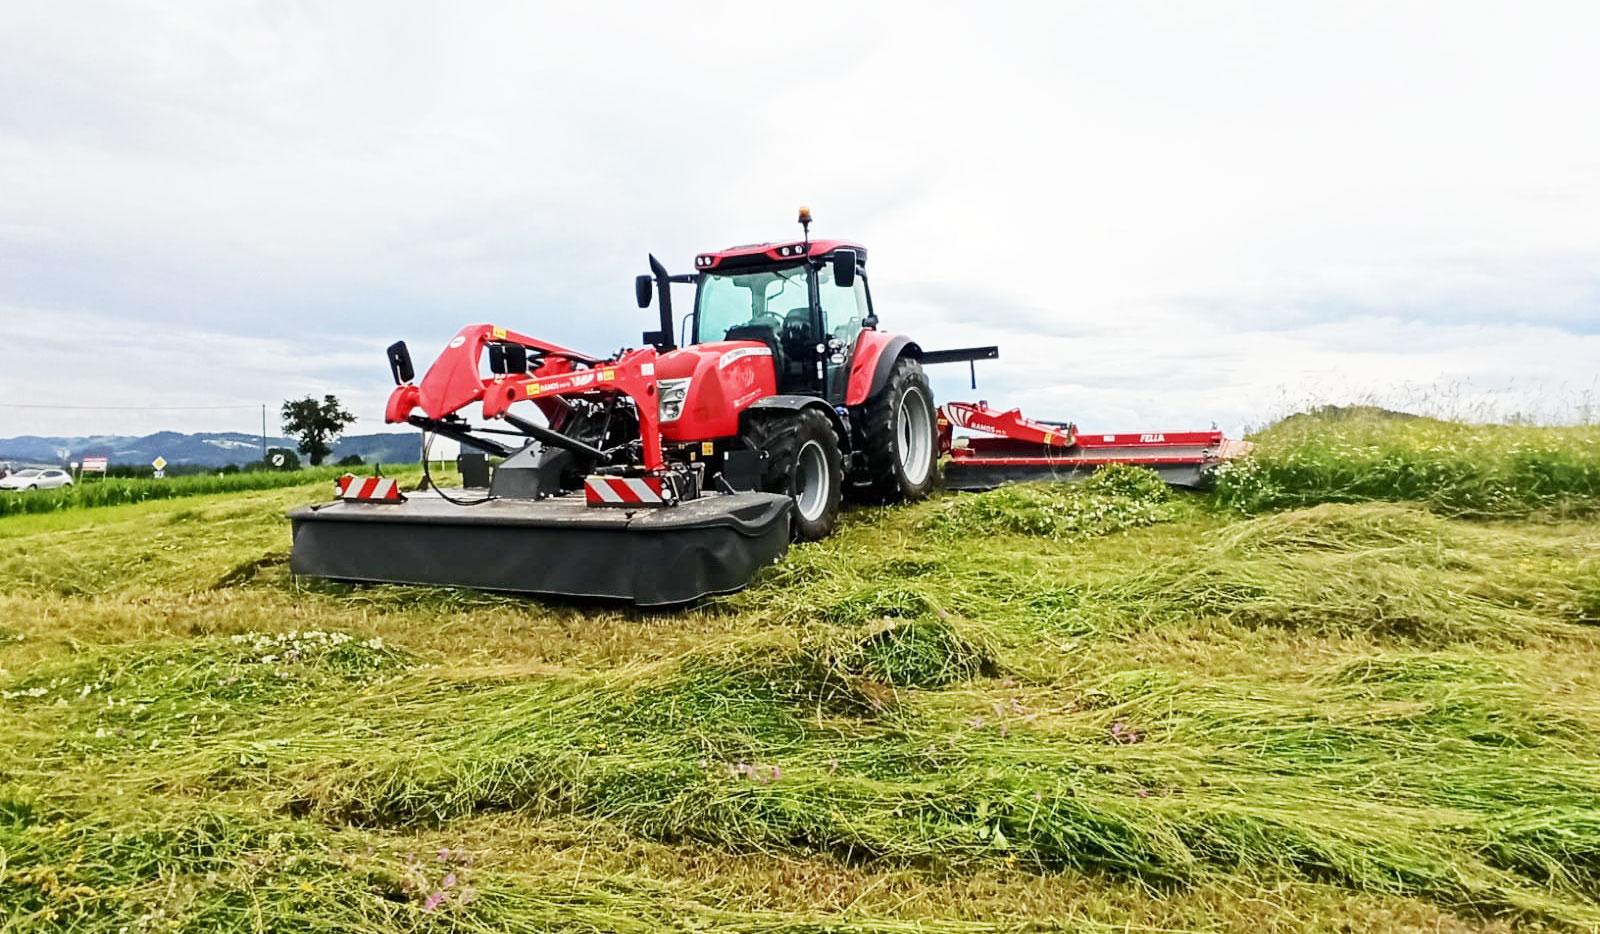 FELLA RAMOS im Einsatz bei Land- und Gartentechnik Gstöttenmeier, Wartberg, Freistadt, Österreich